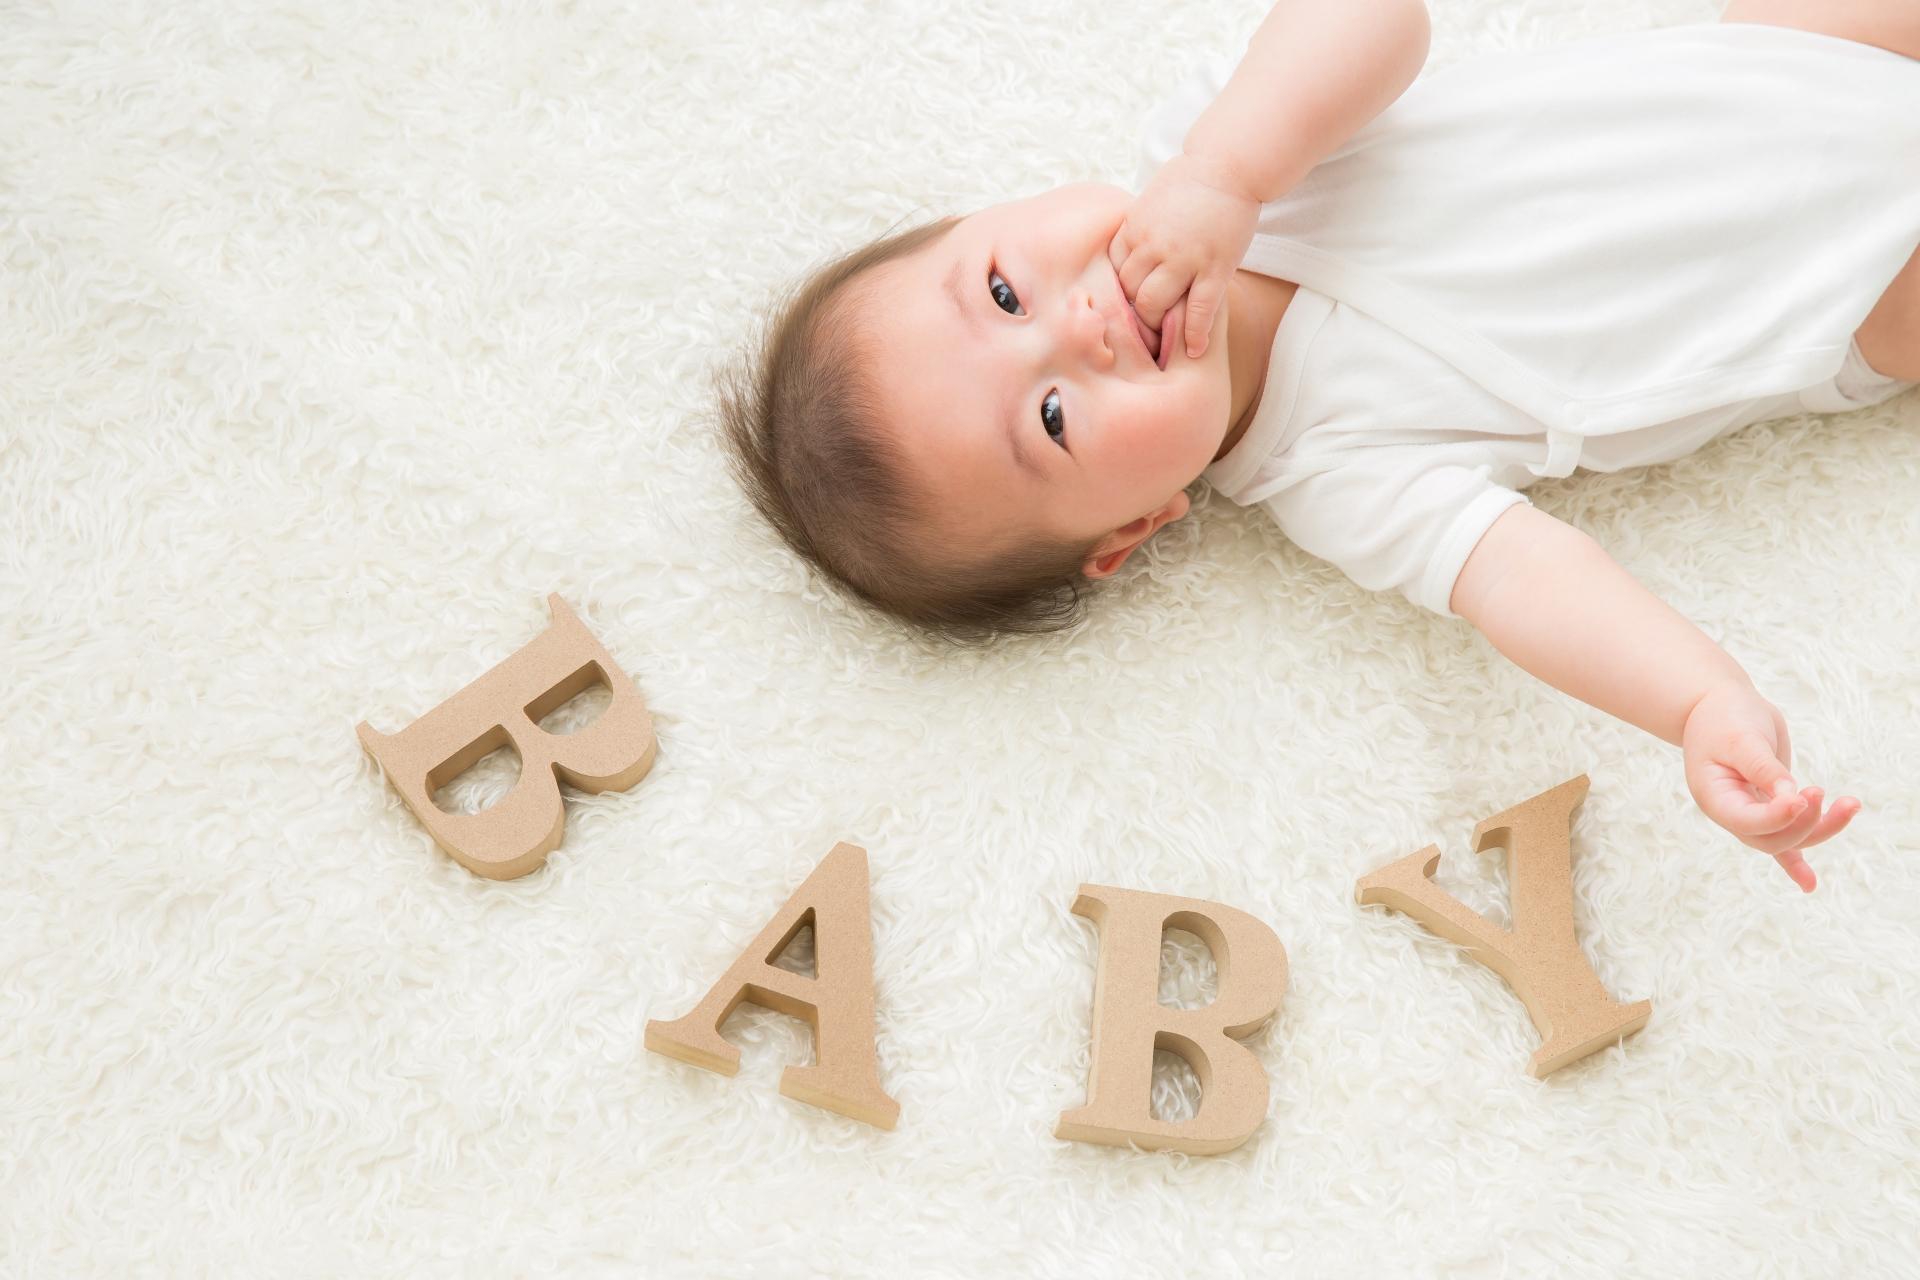 【Kayako's Blog 】赤ちゃん連れでもOK♪ 産後プライベートレッスン